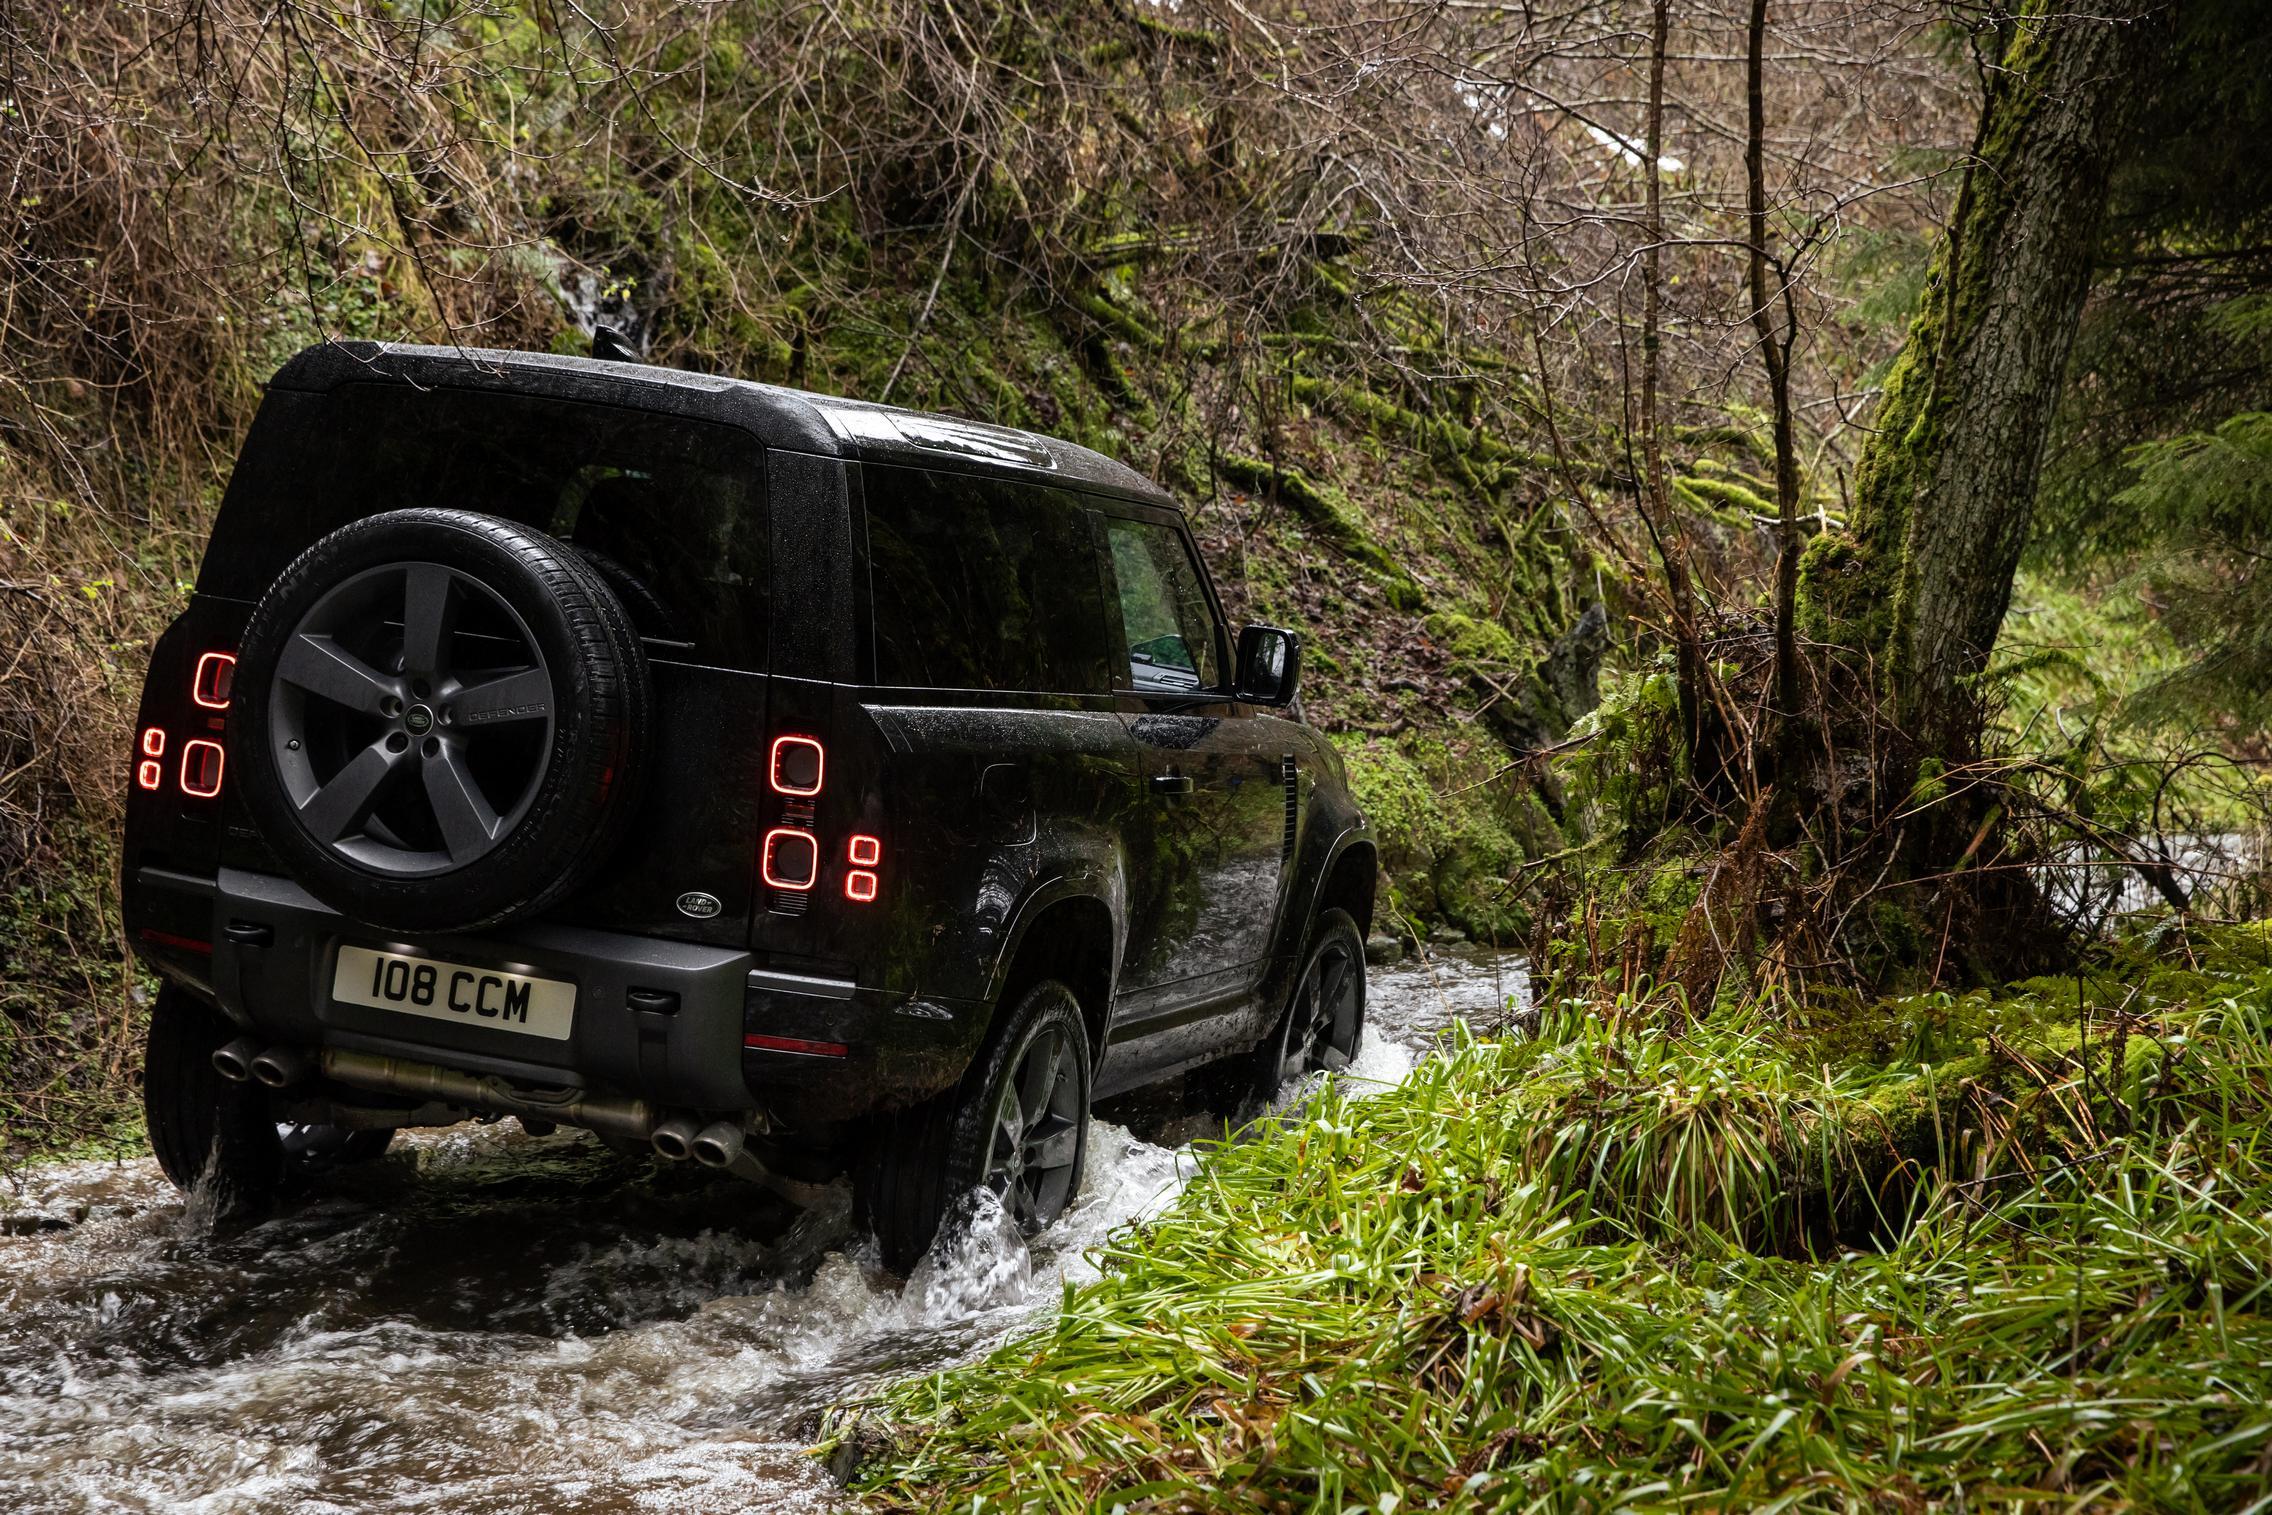 Land Rover Defender 90 V8 rear